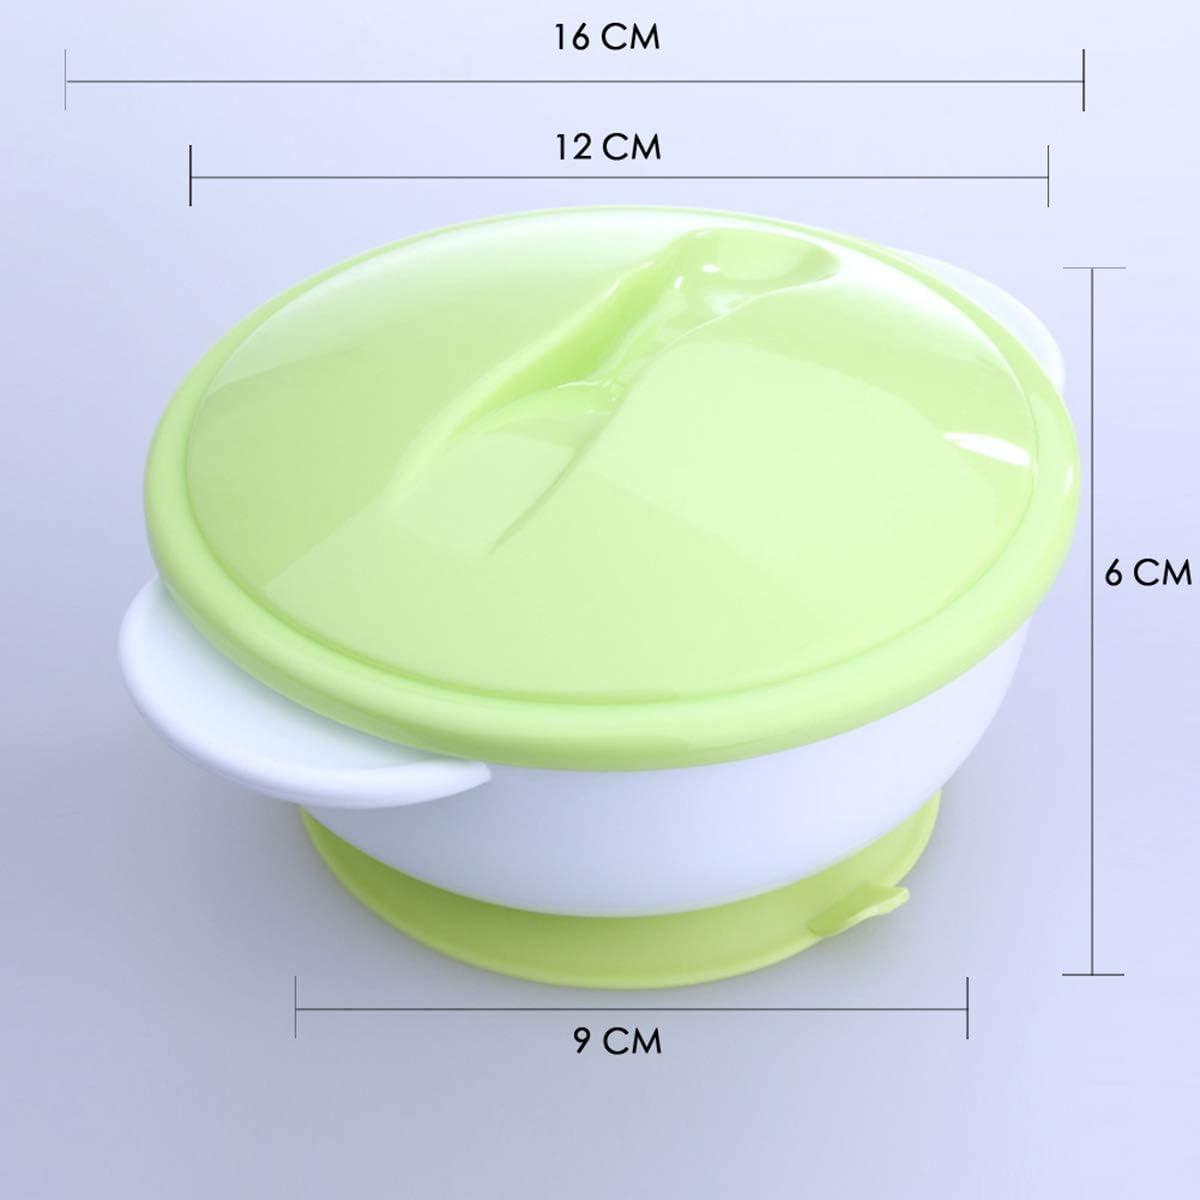 Color : Green Nourrisson B/éb/é Vaisselle Vaisselle Sucker Bol Avec Couvercle Temp/érature De D/étection Cuill/ère Formation Aliments Pour B/éb/és Ensemble Enfants Aliments Bol De Plats